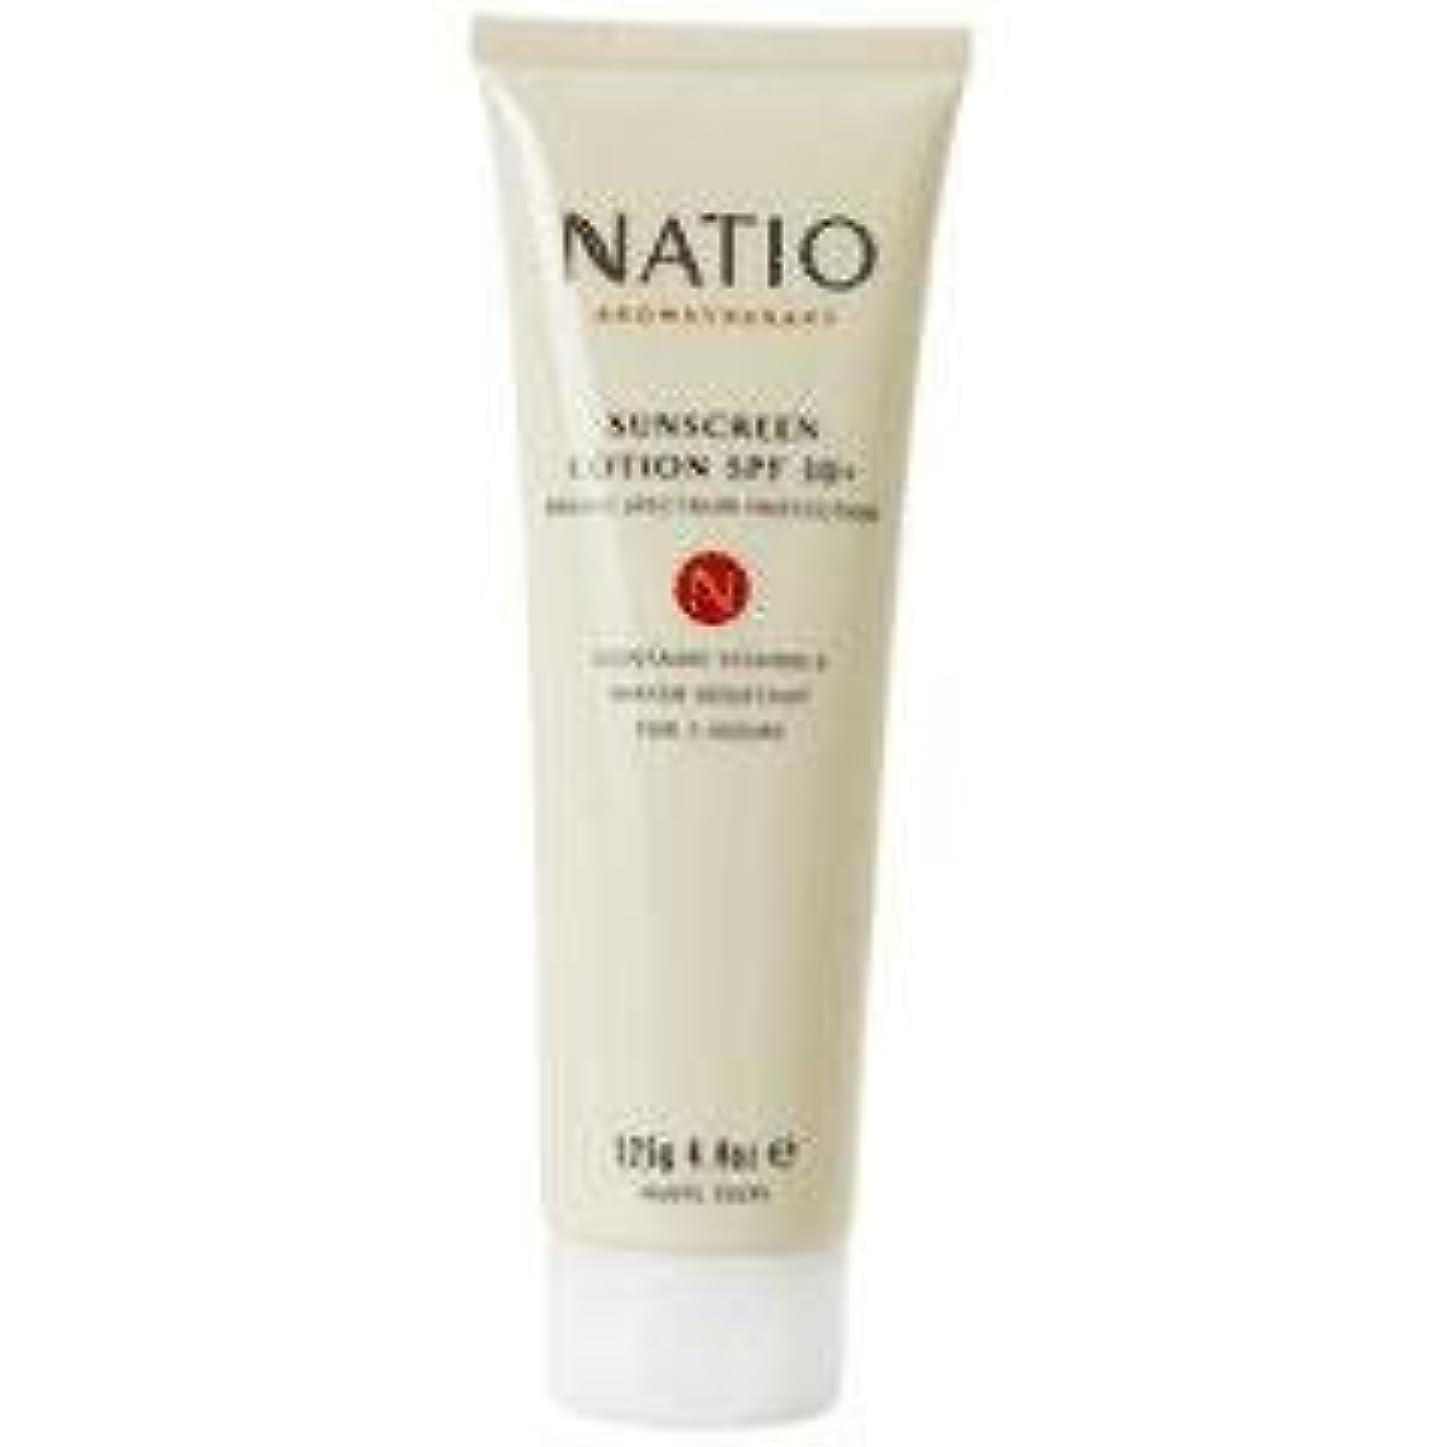 飛び込む生きているメアリアンジョーンズ【NATIO Aromatherapy Sunscreen Lotion SPF30+】 ナティオ  日焼け止めクリーム SPF30+ [海外直送品]